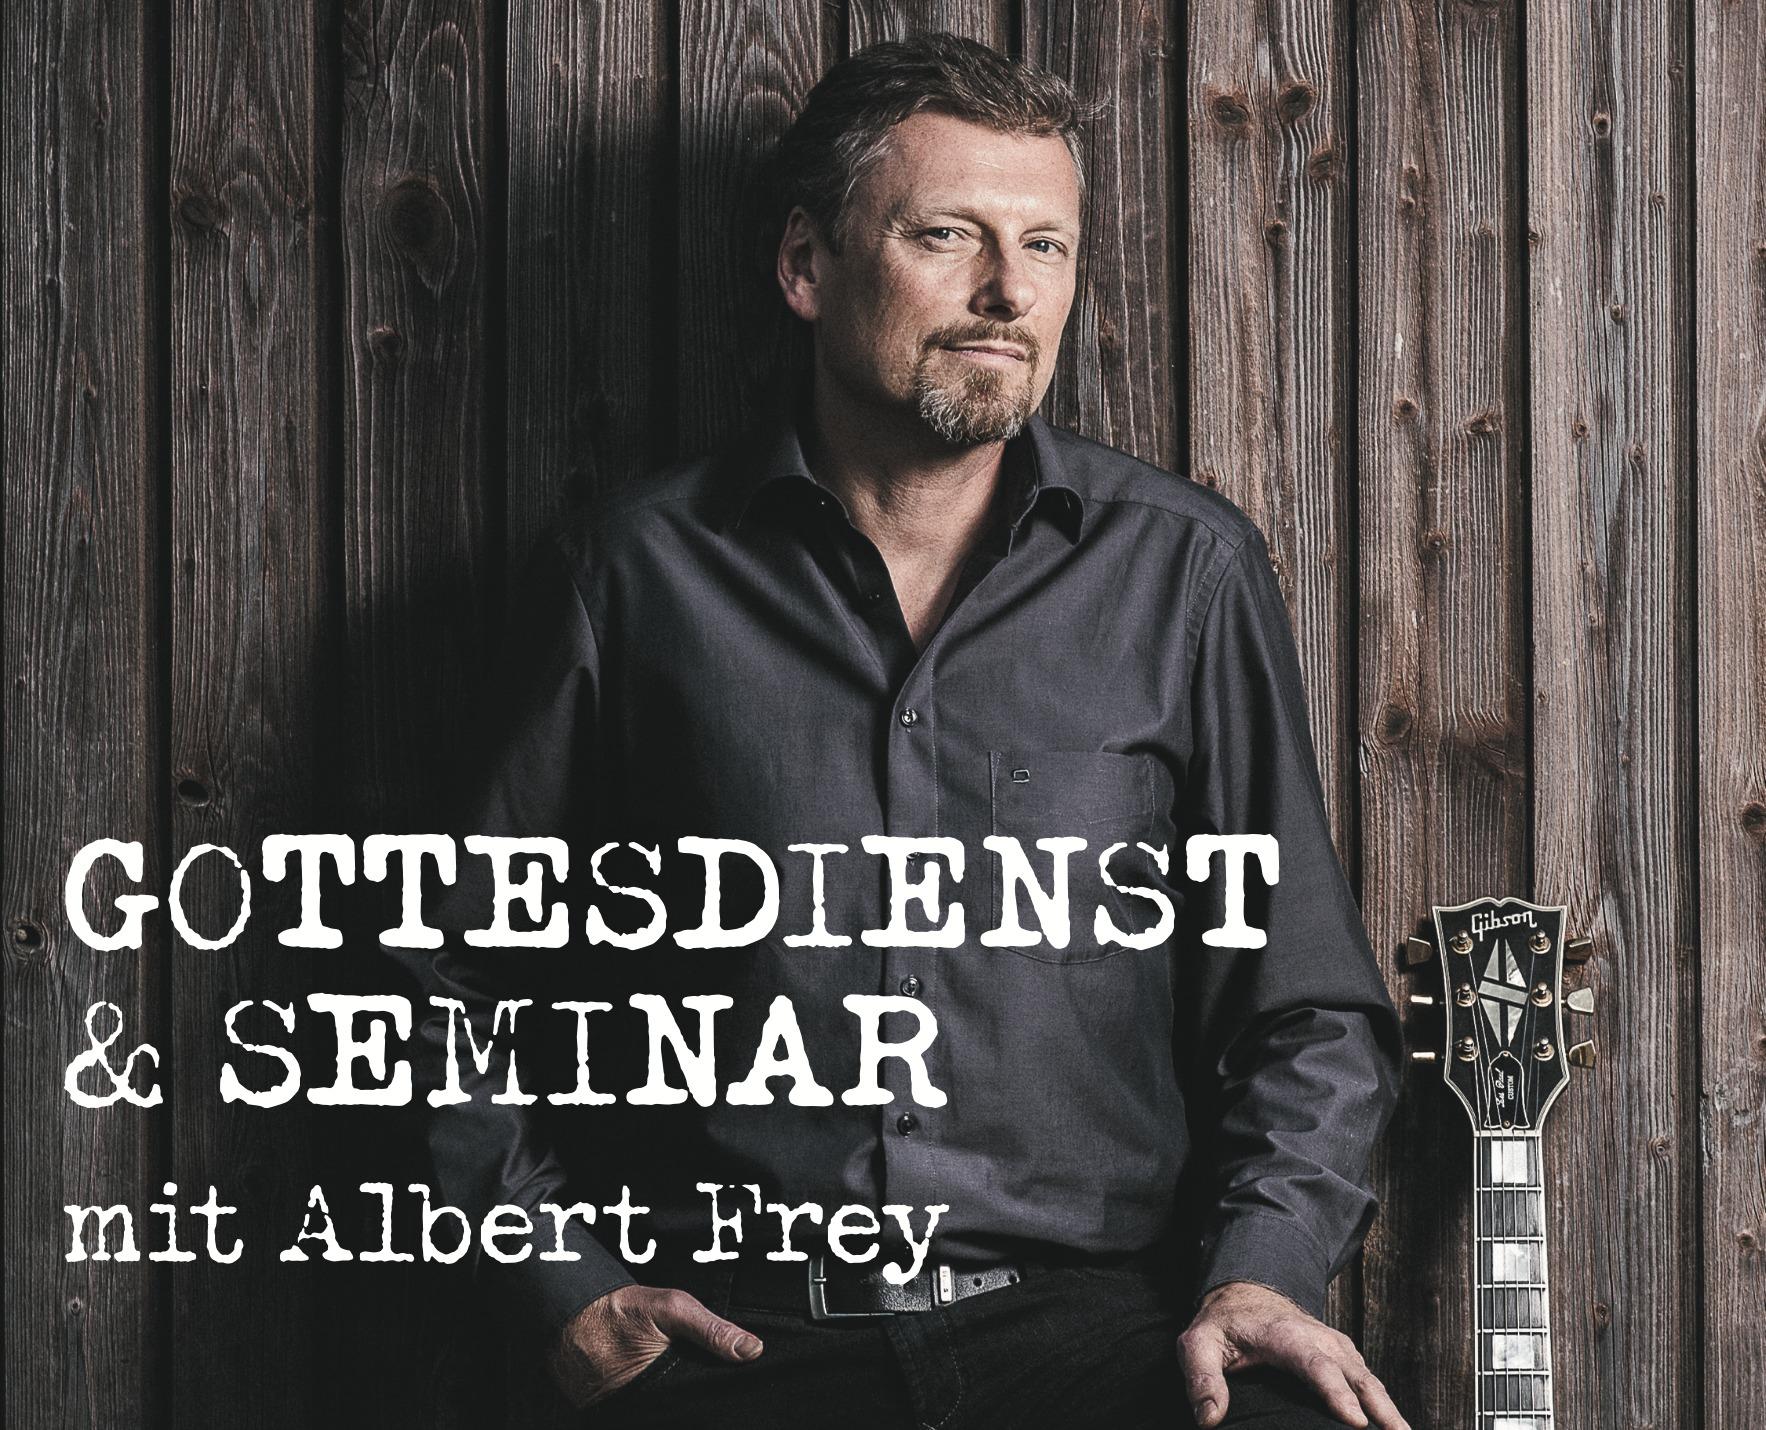 Gottesdienst &Seminar mit Albert Frey